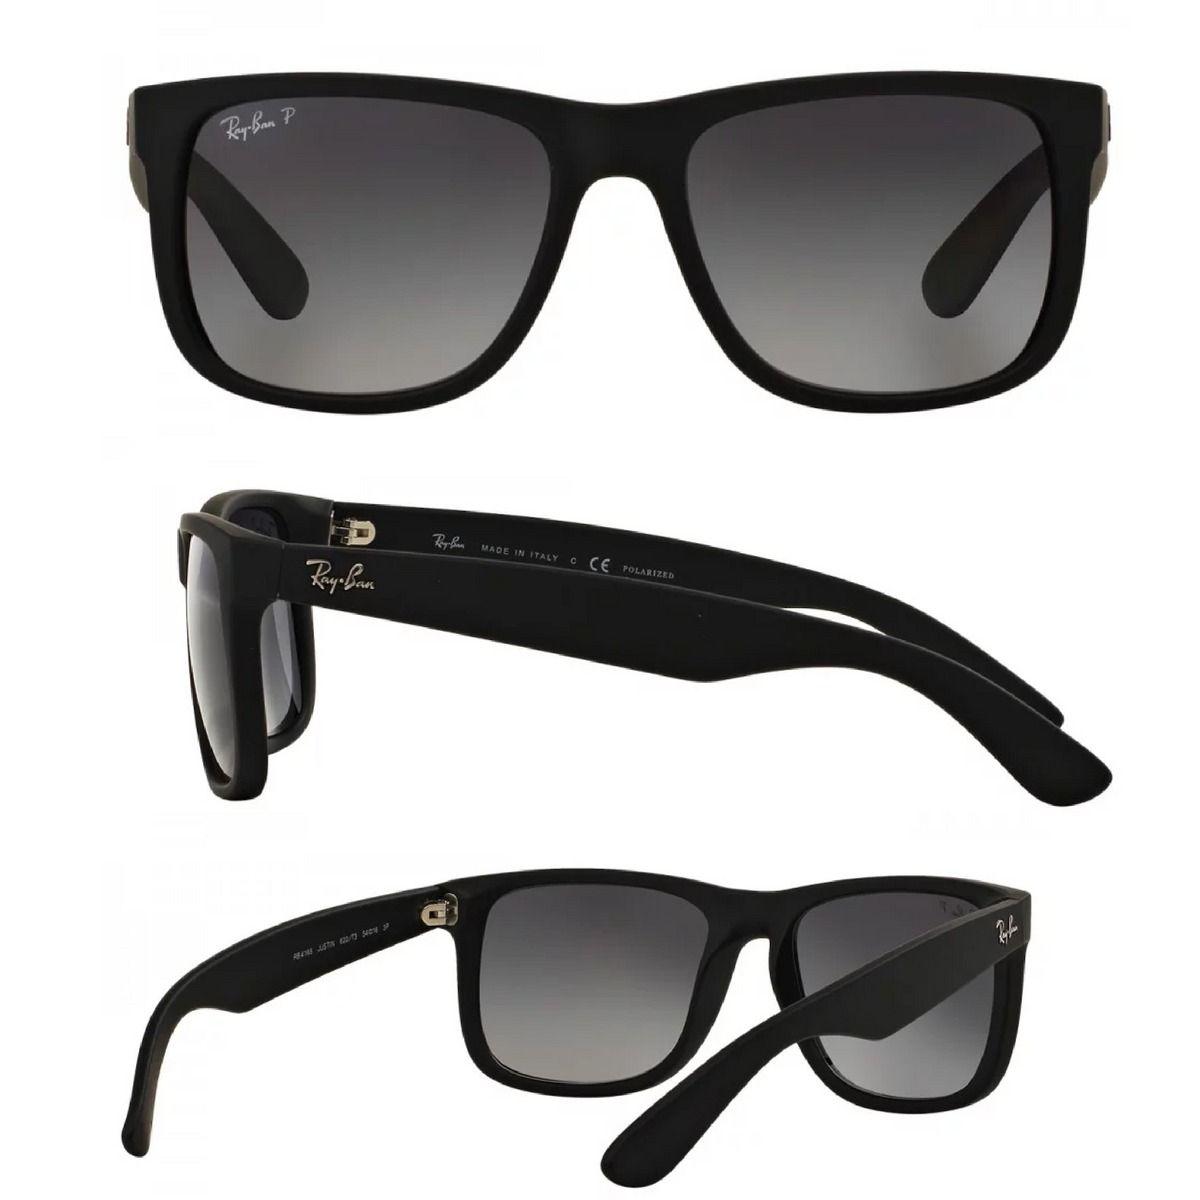 580462373 Óculos De Sol Justin Importado Masculino - Feminino Promoção | Dia ...